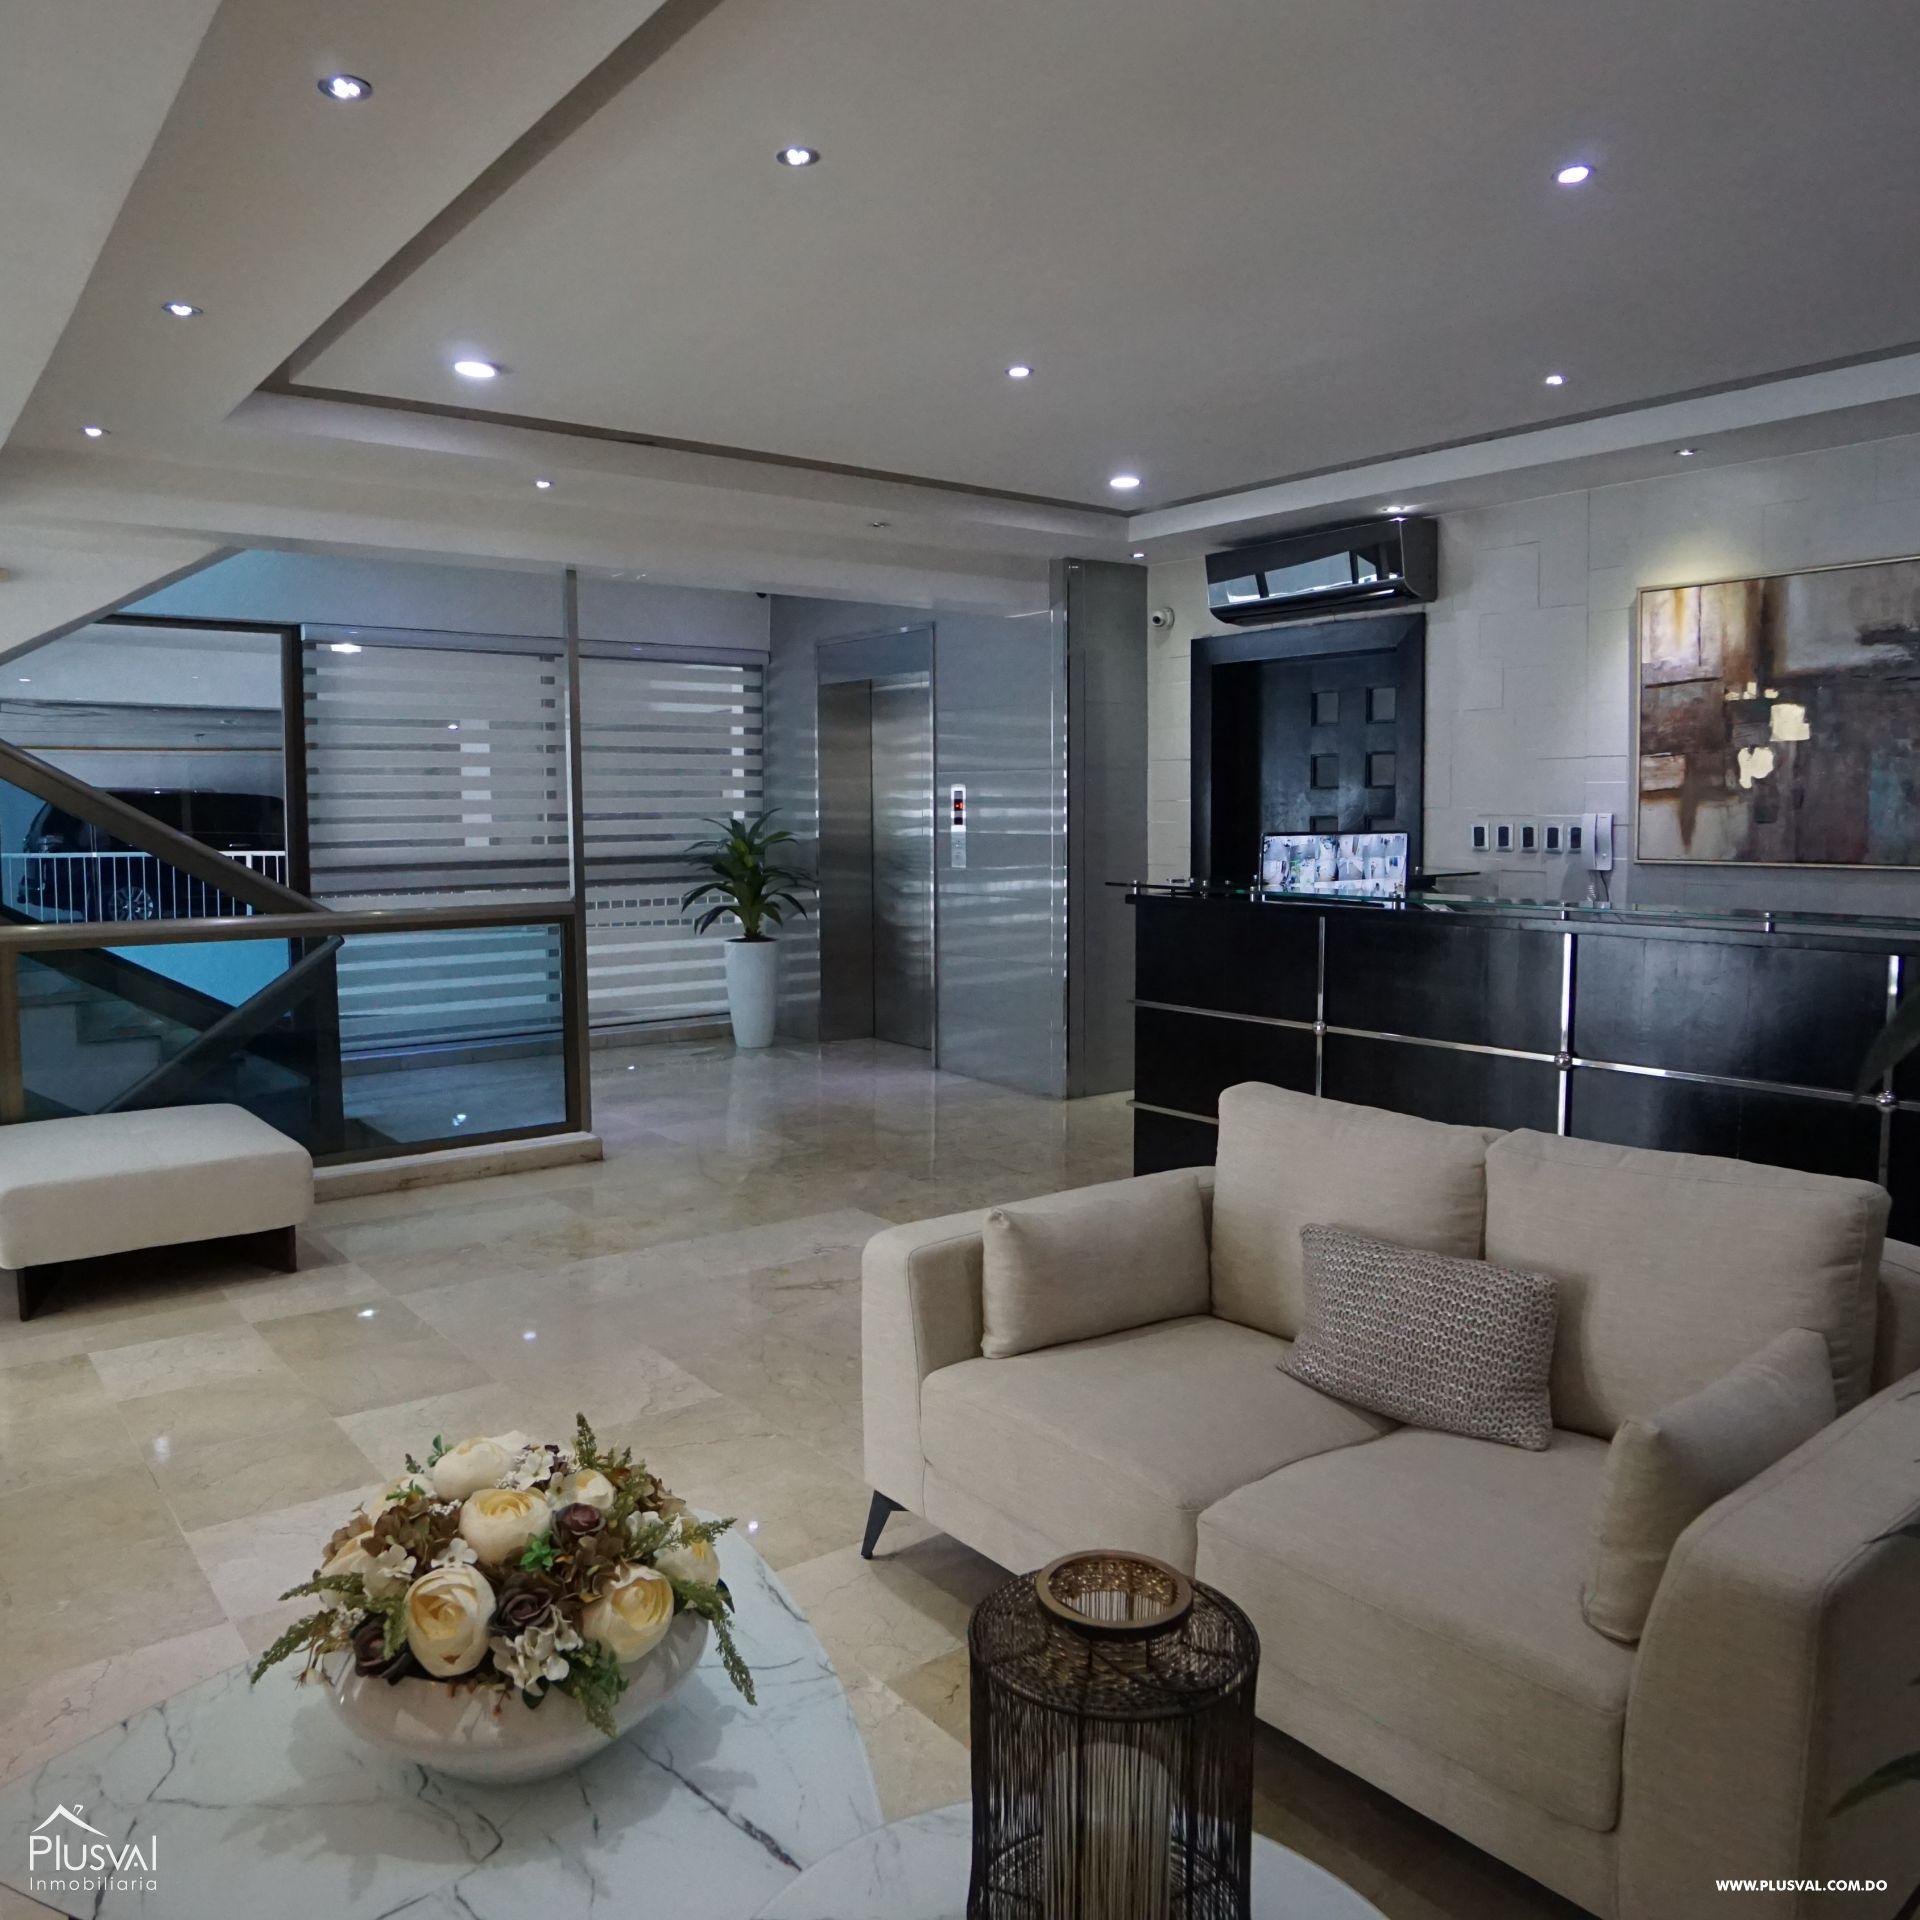 Lujoso apartamento en VENTA en Zona Residencial de NACO 182980